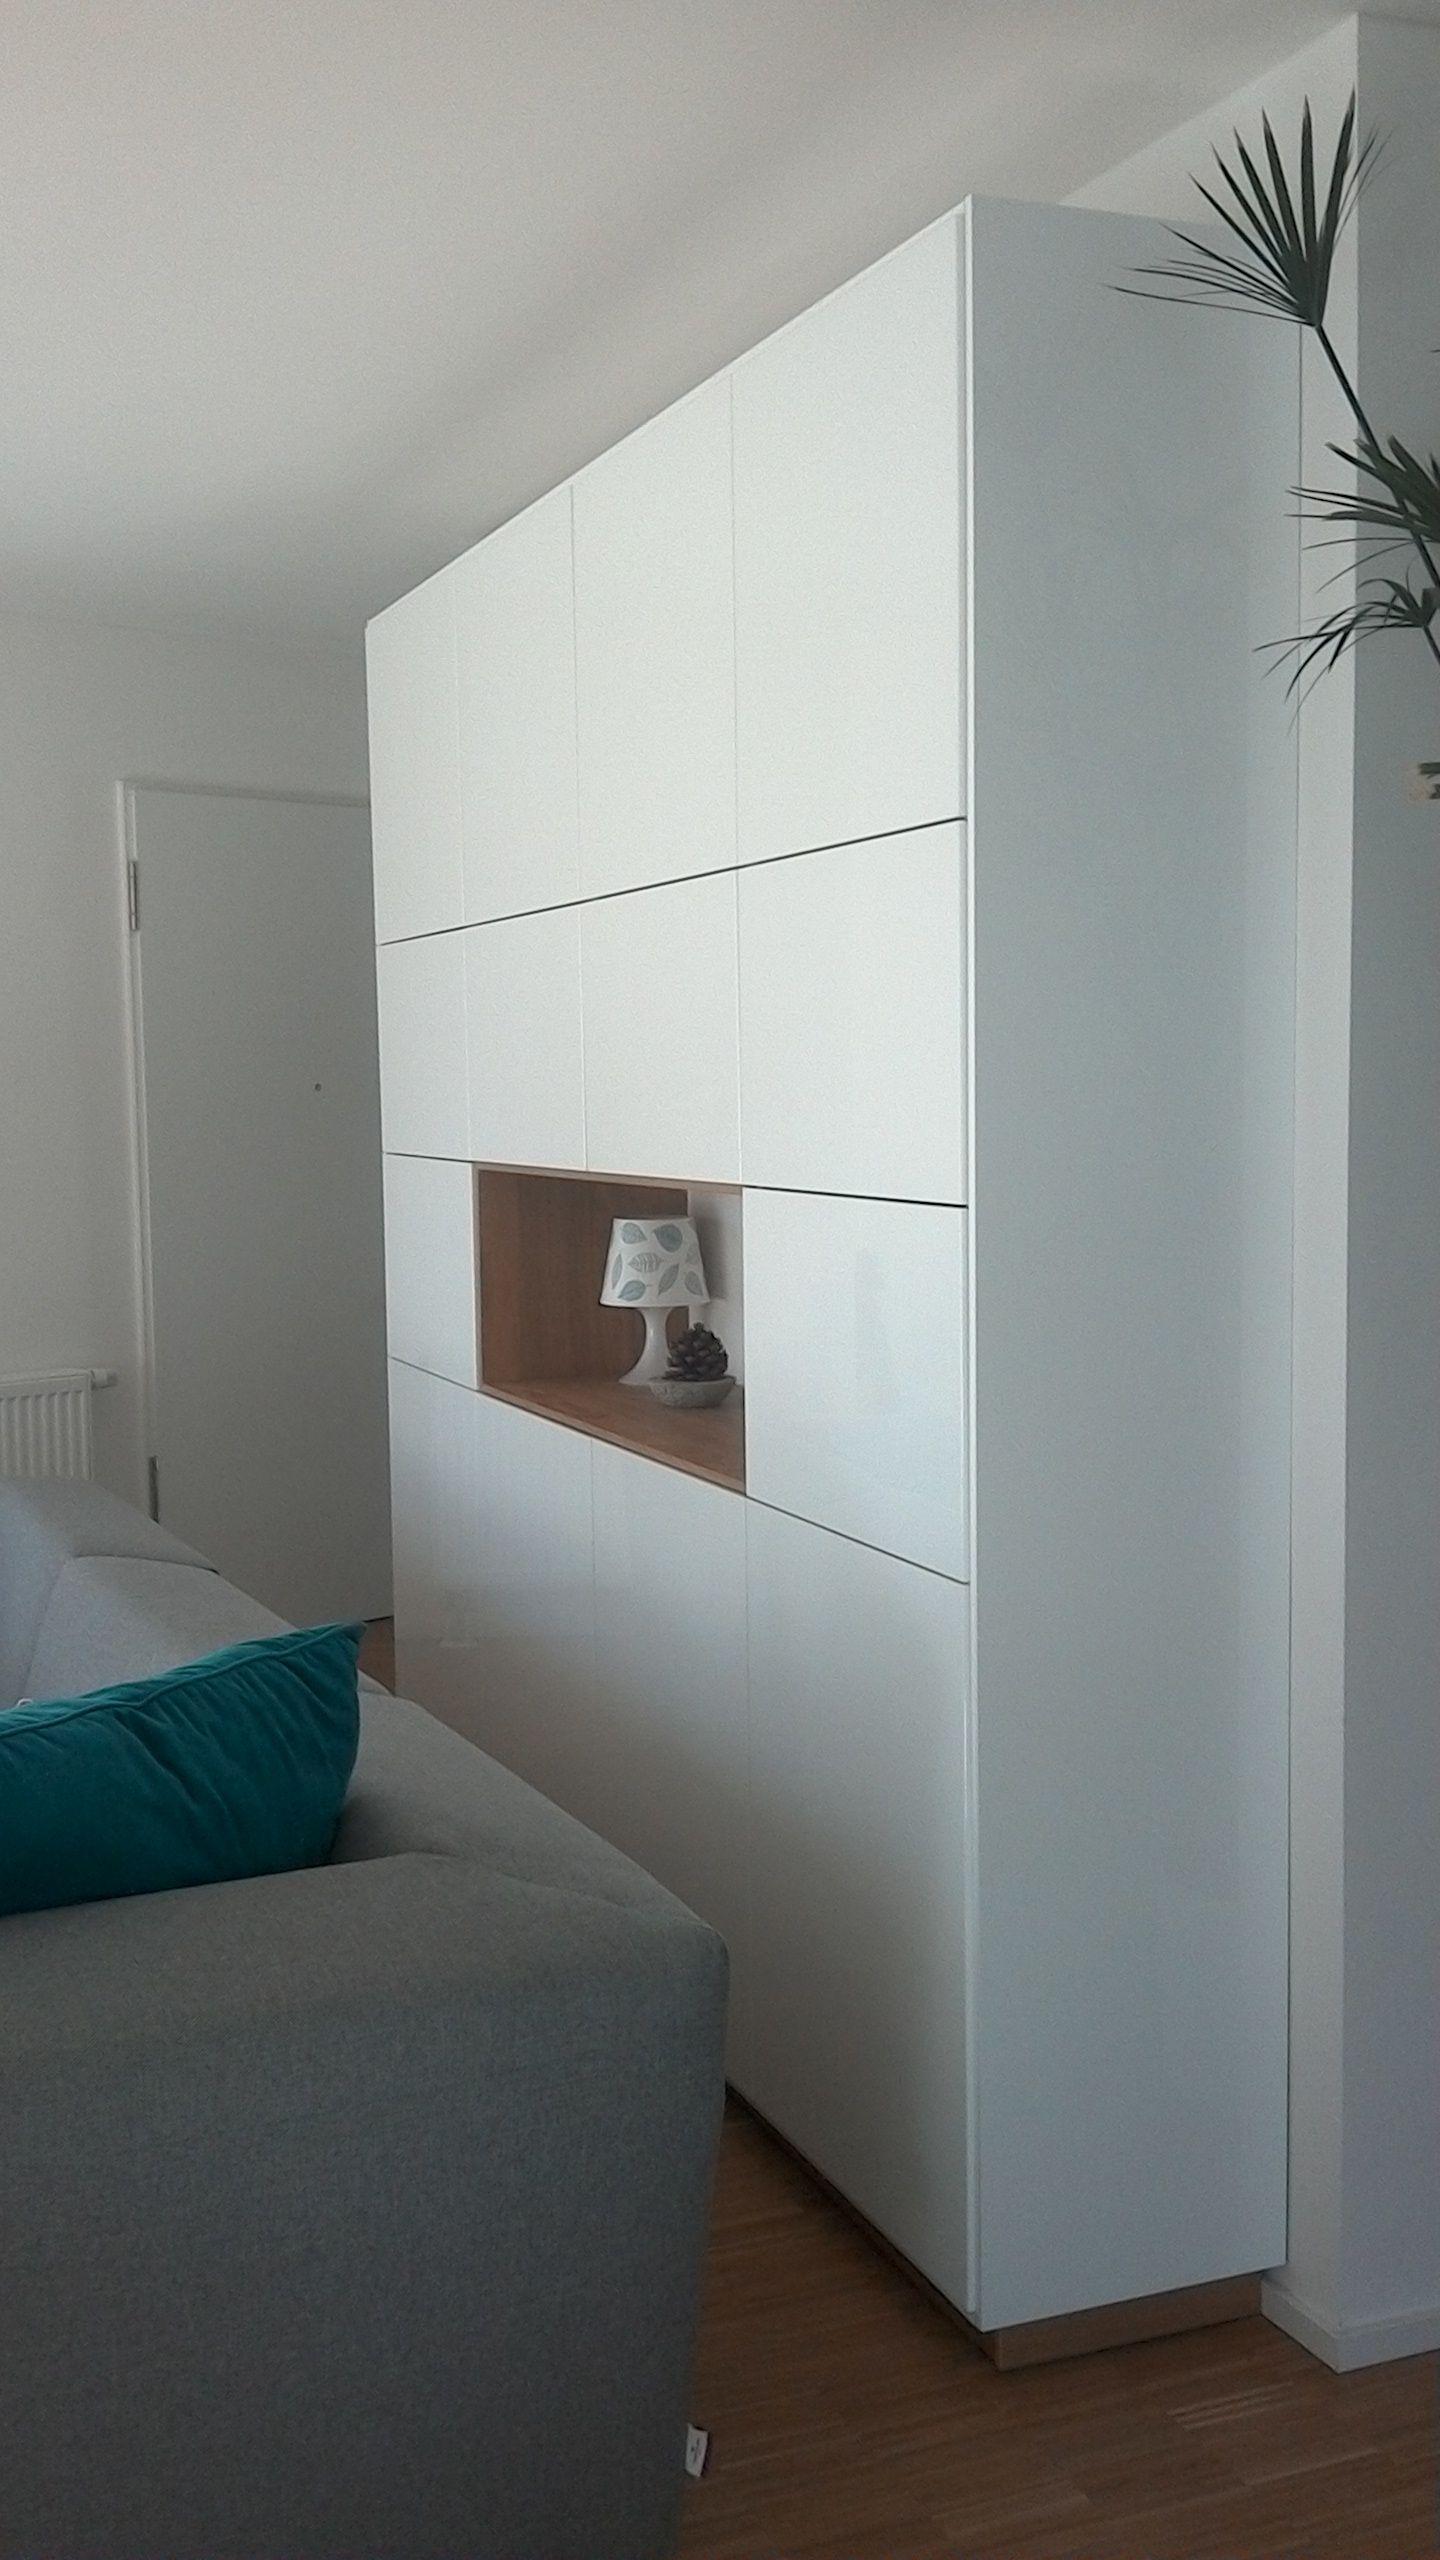 Ikea Method Ringhult plus Hyttan als Wohnzimmerschrank